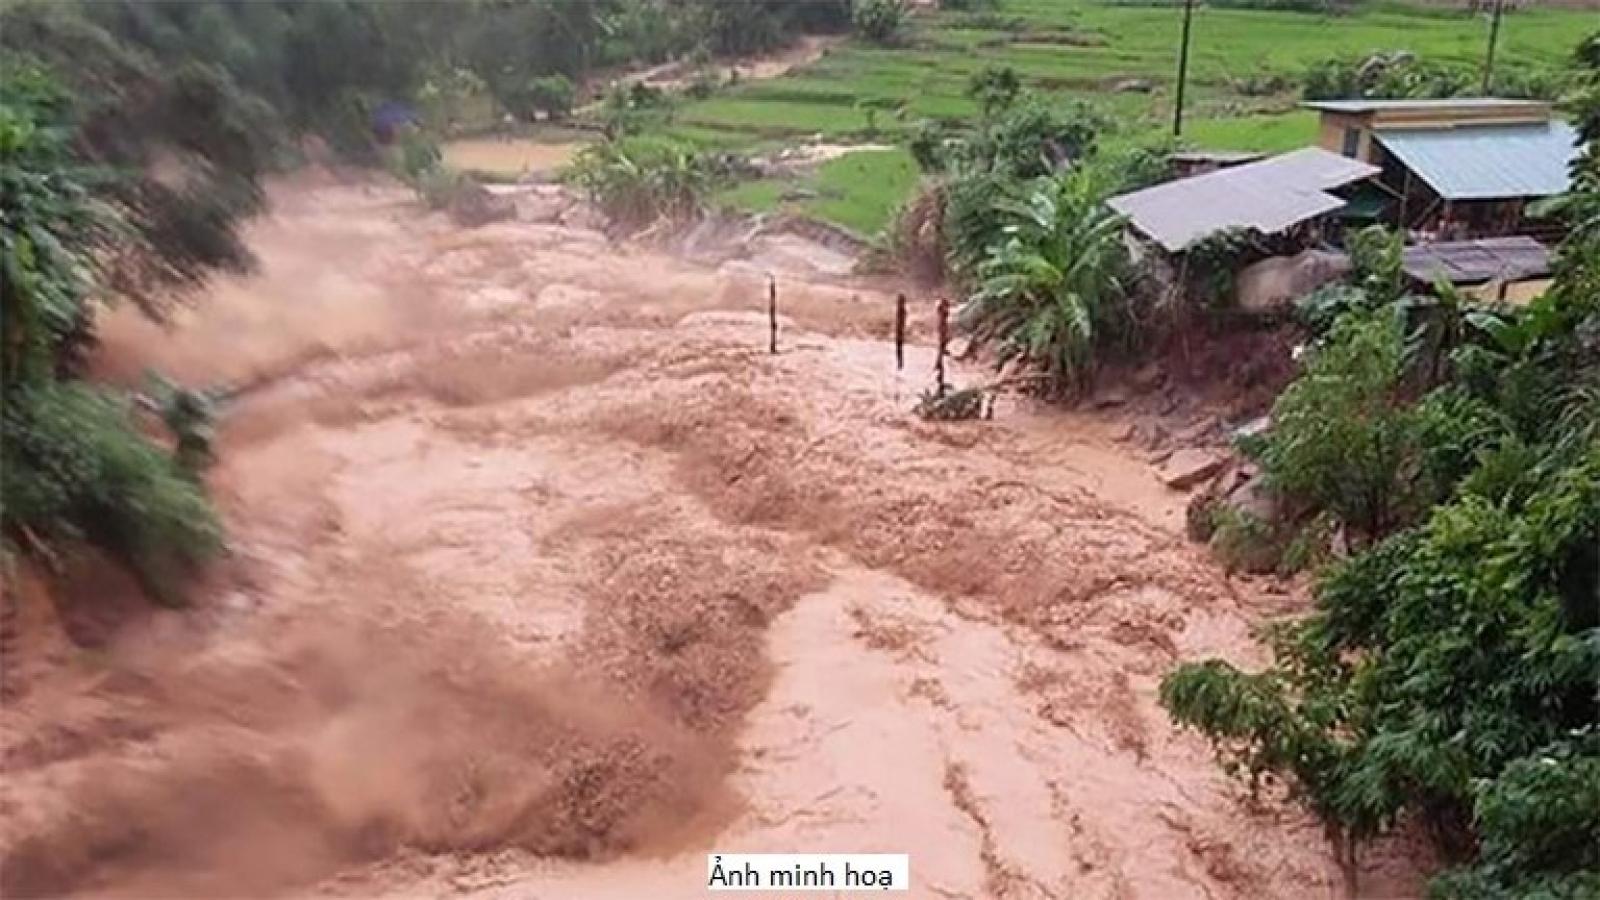 Cảnh báo lũ quét, sạt lở đất khu vực Lào Cai và Hà Giang